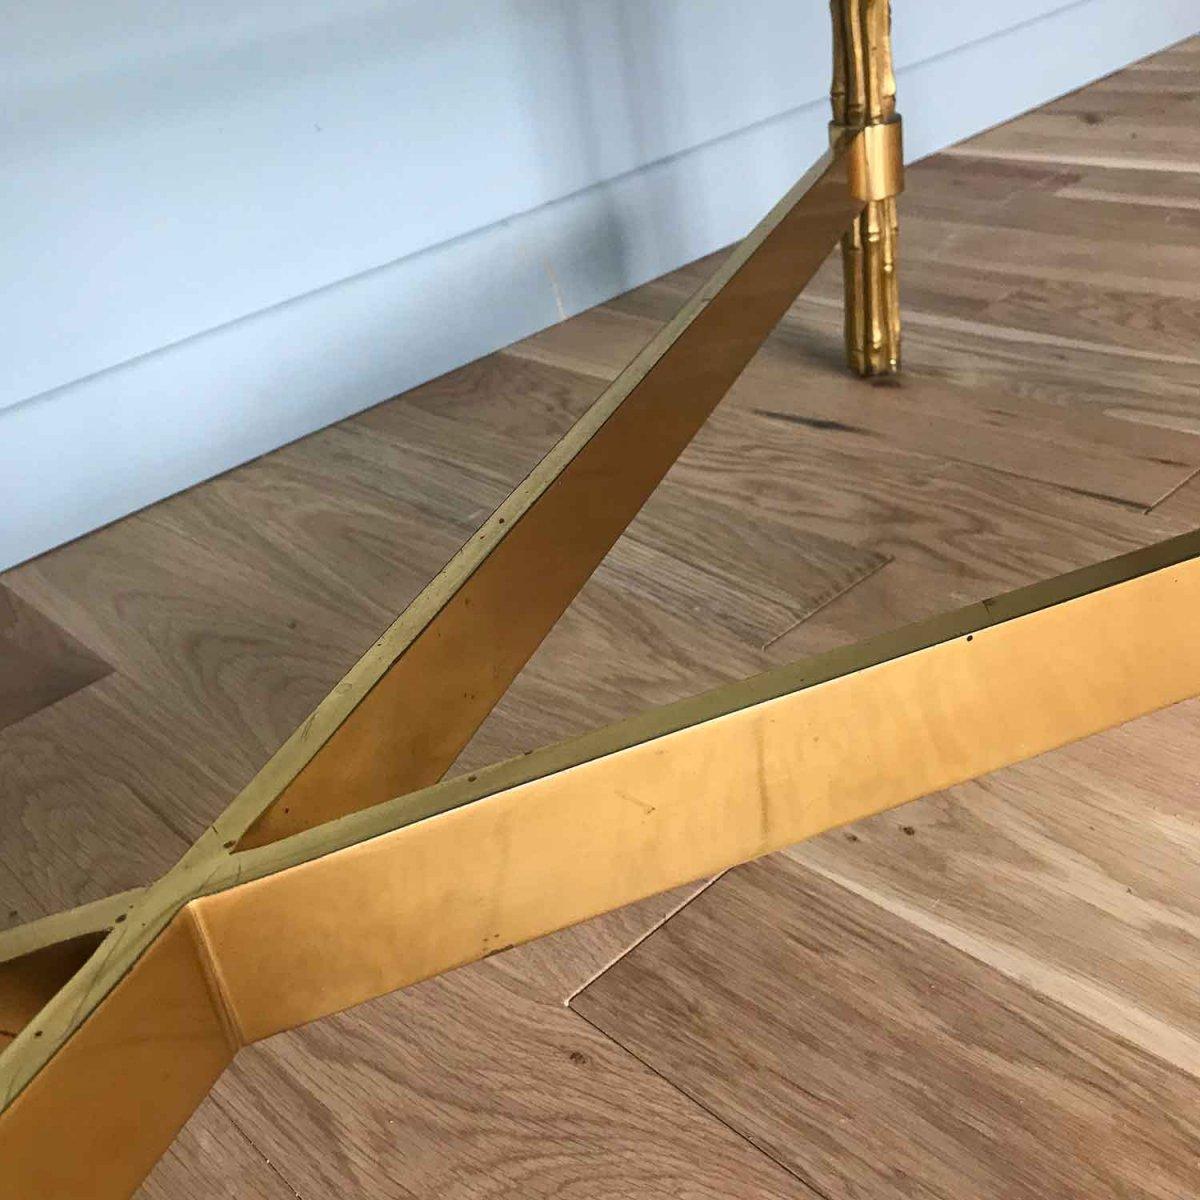 Table Basse Dans Le Goût De Bagues-photo-3